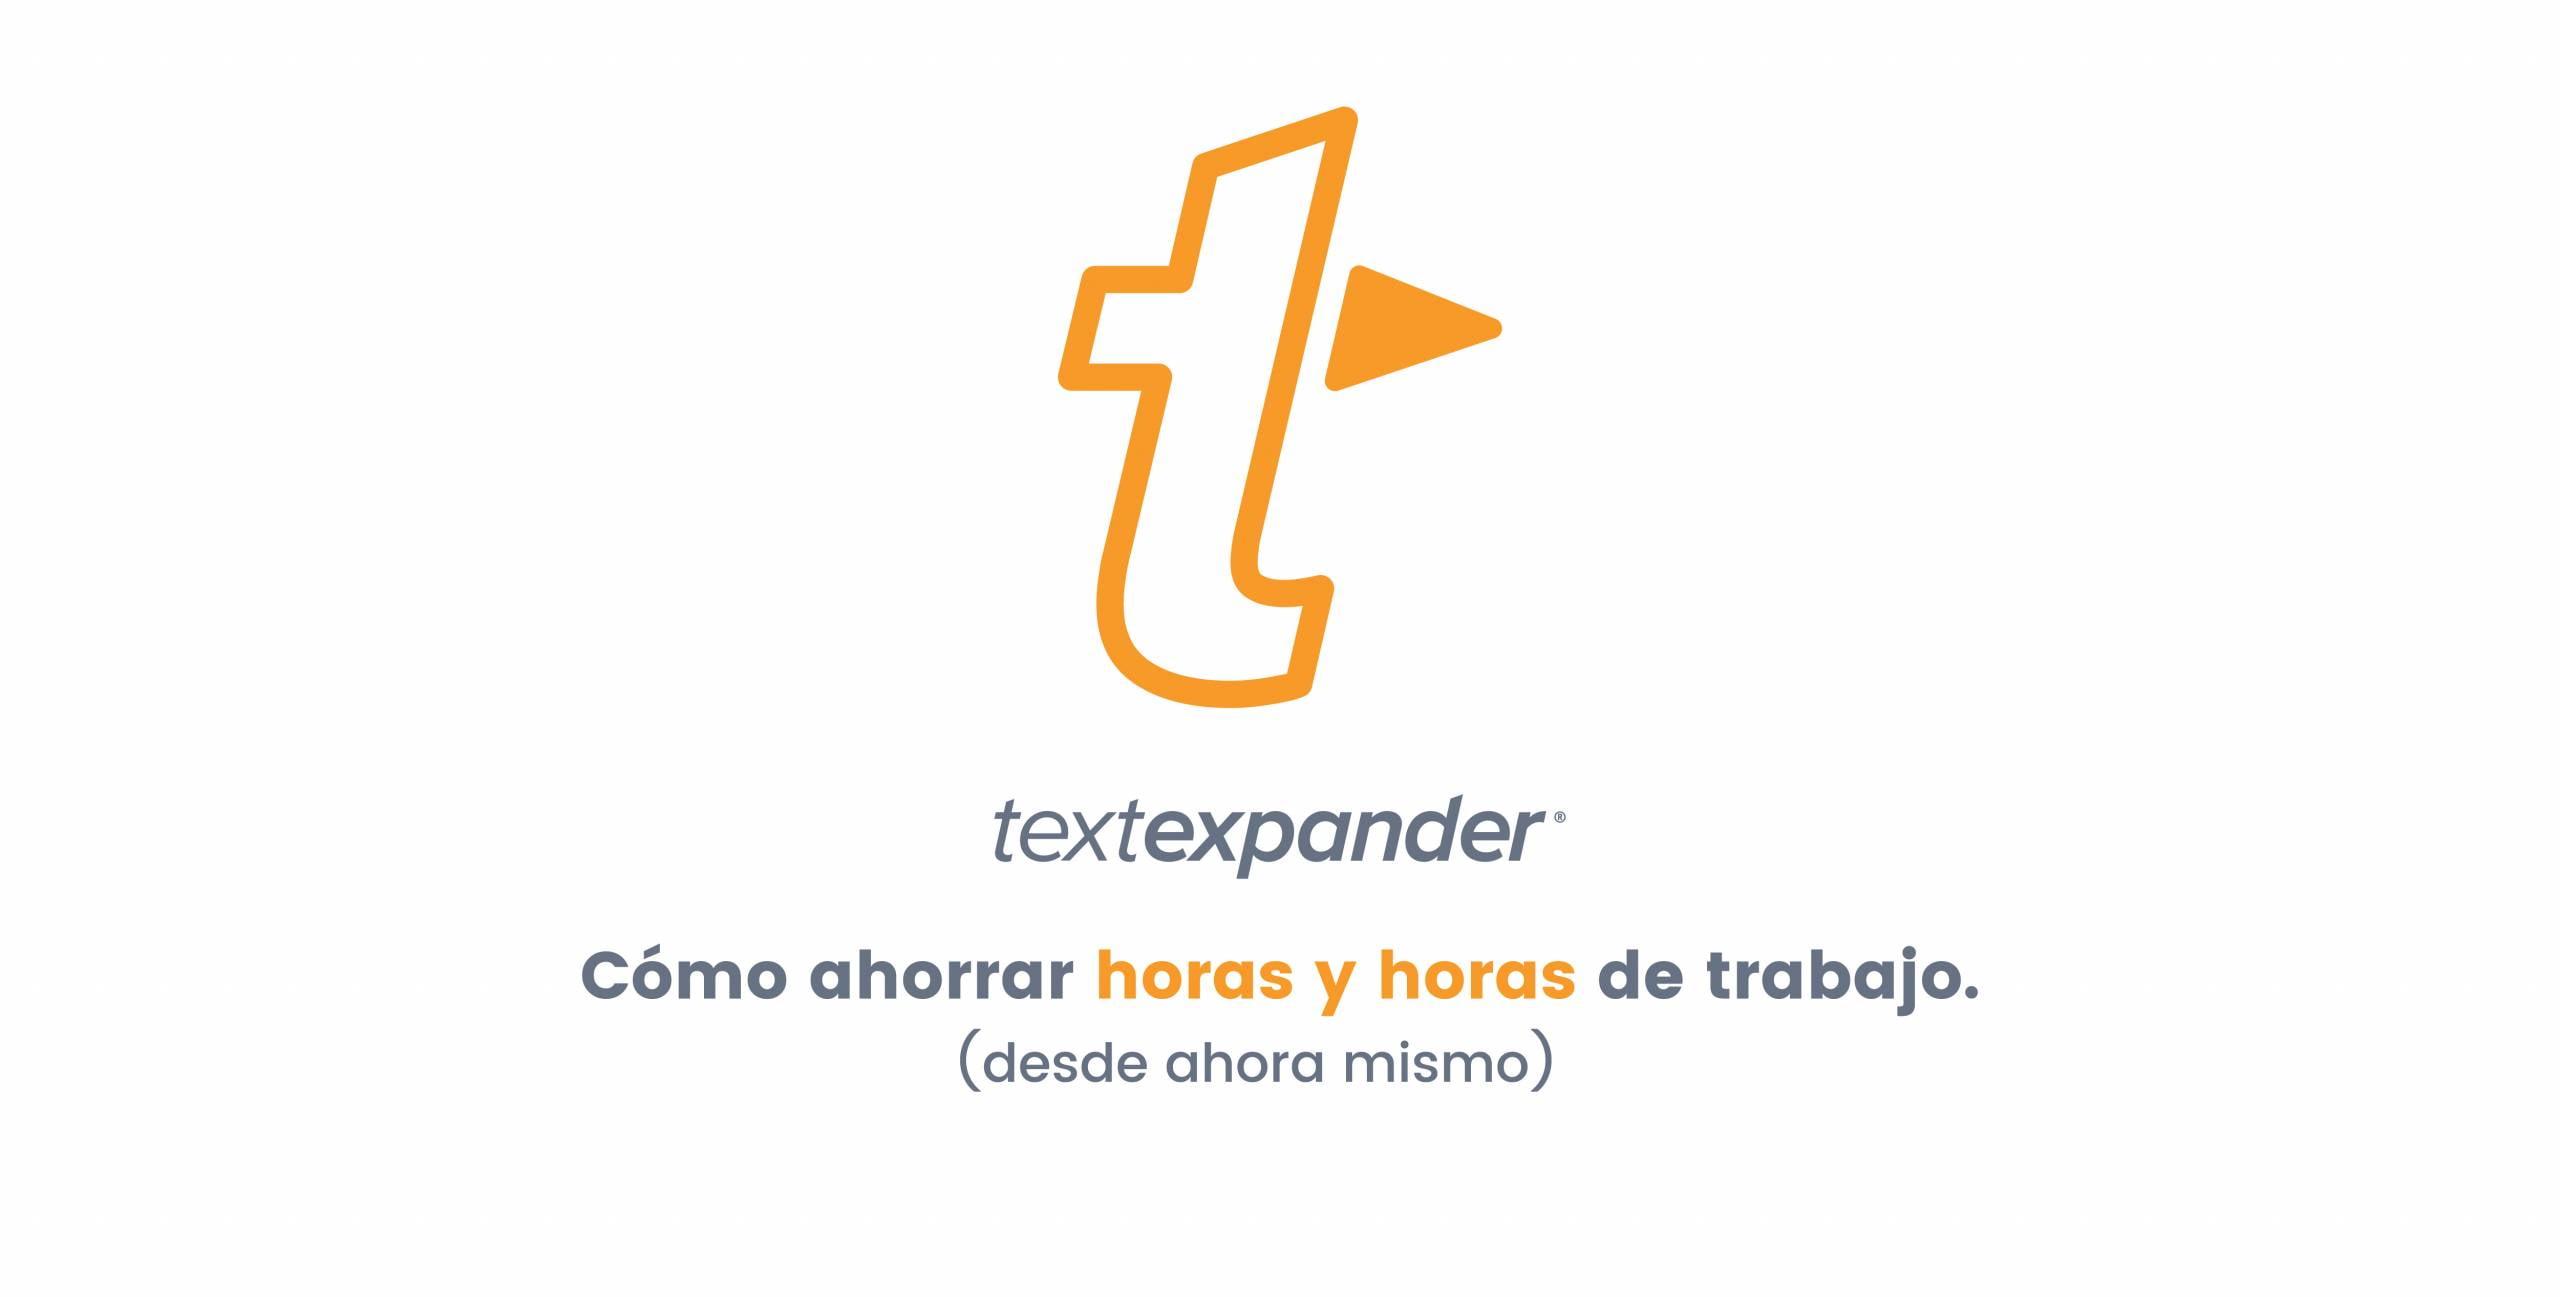 En este momento estás viendo Curso de TextExpander